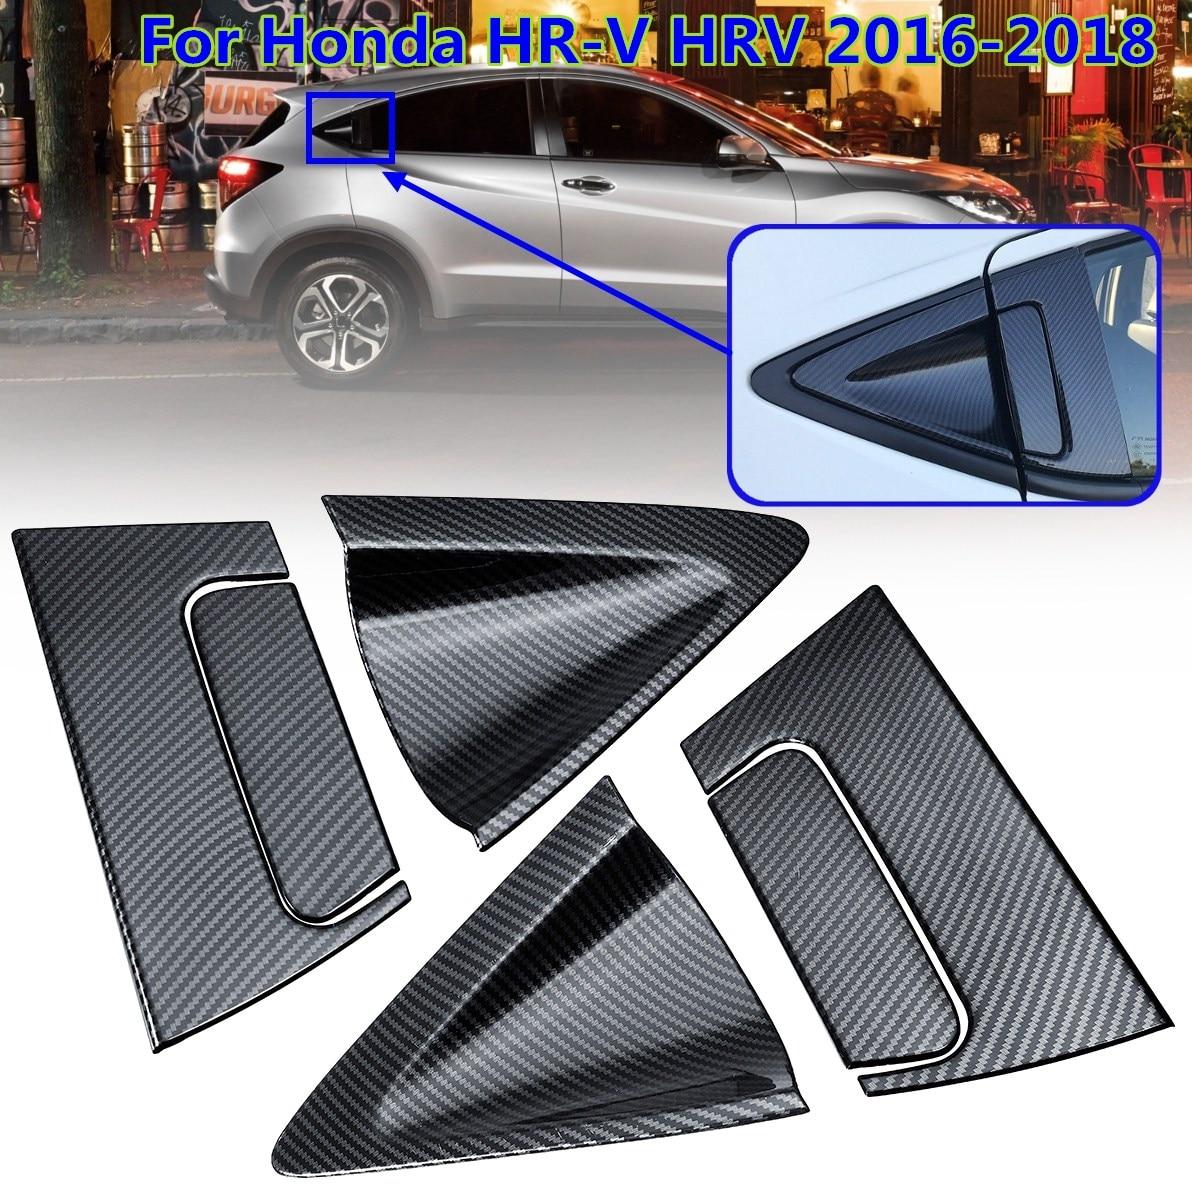 Chrome Rear Window Sill Trim 2pcs for Honda Vezel HR-V HRV 2014 2015 2016